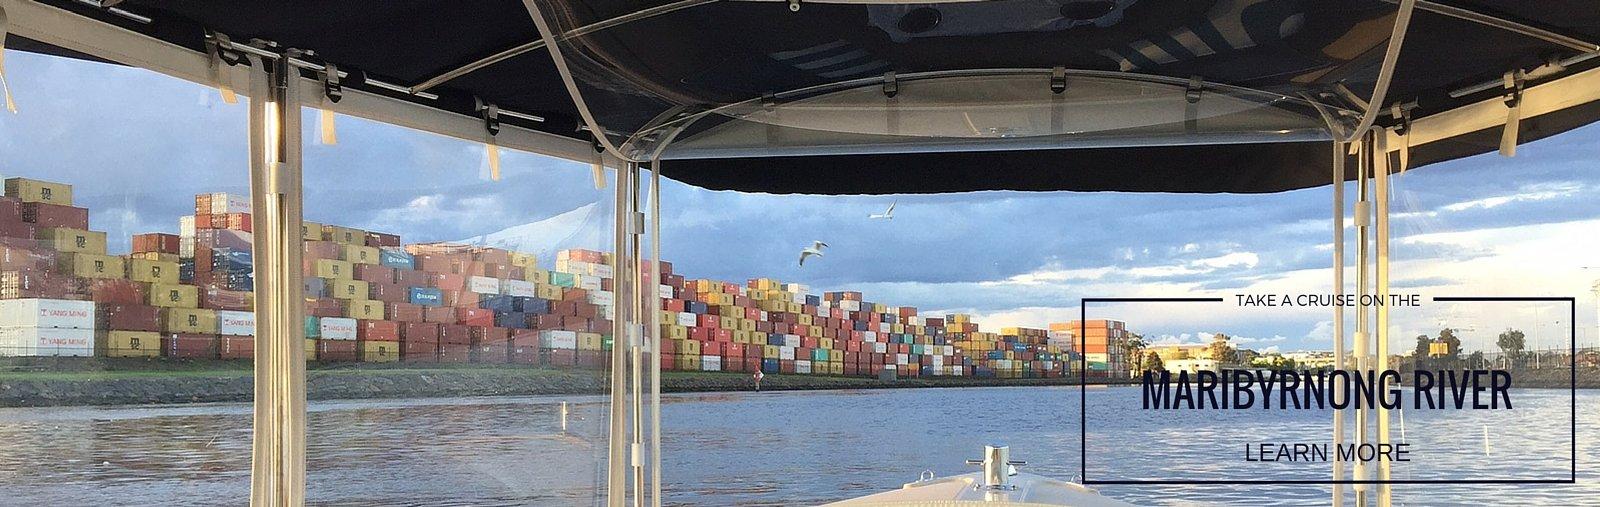 Maribyrnon River Cruises Melbourne